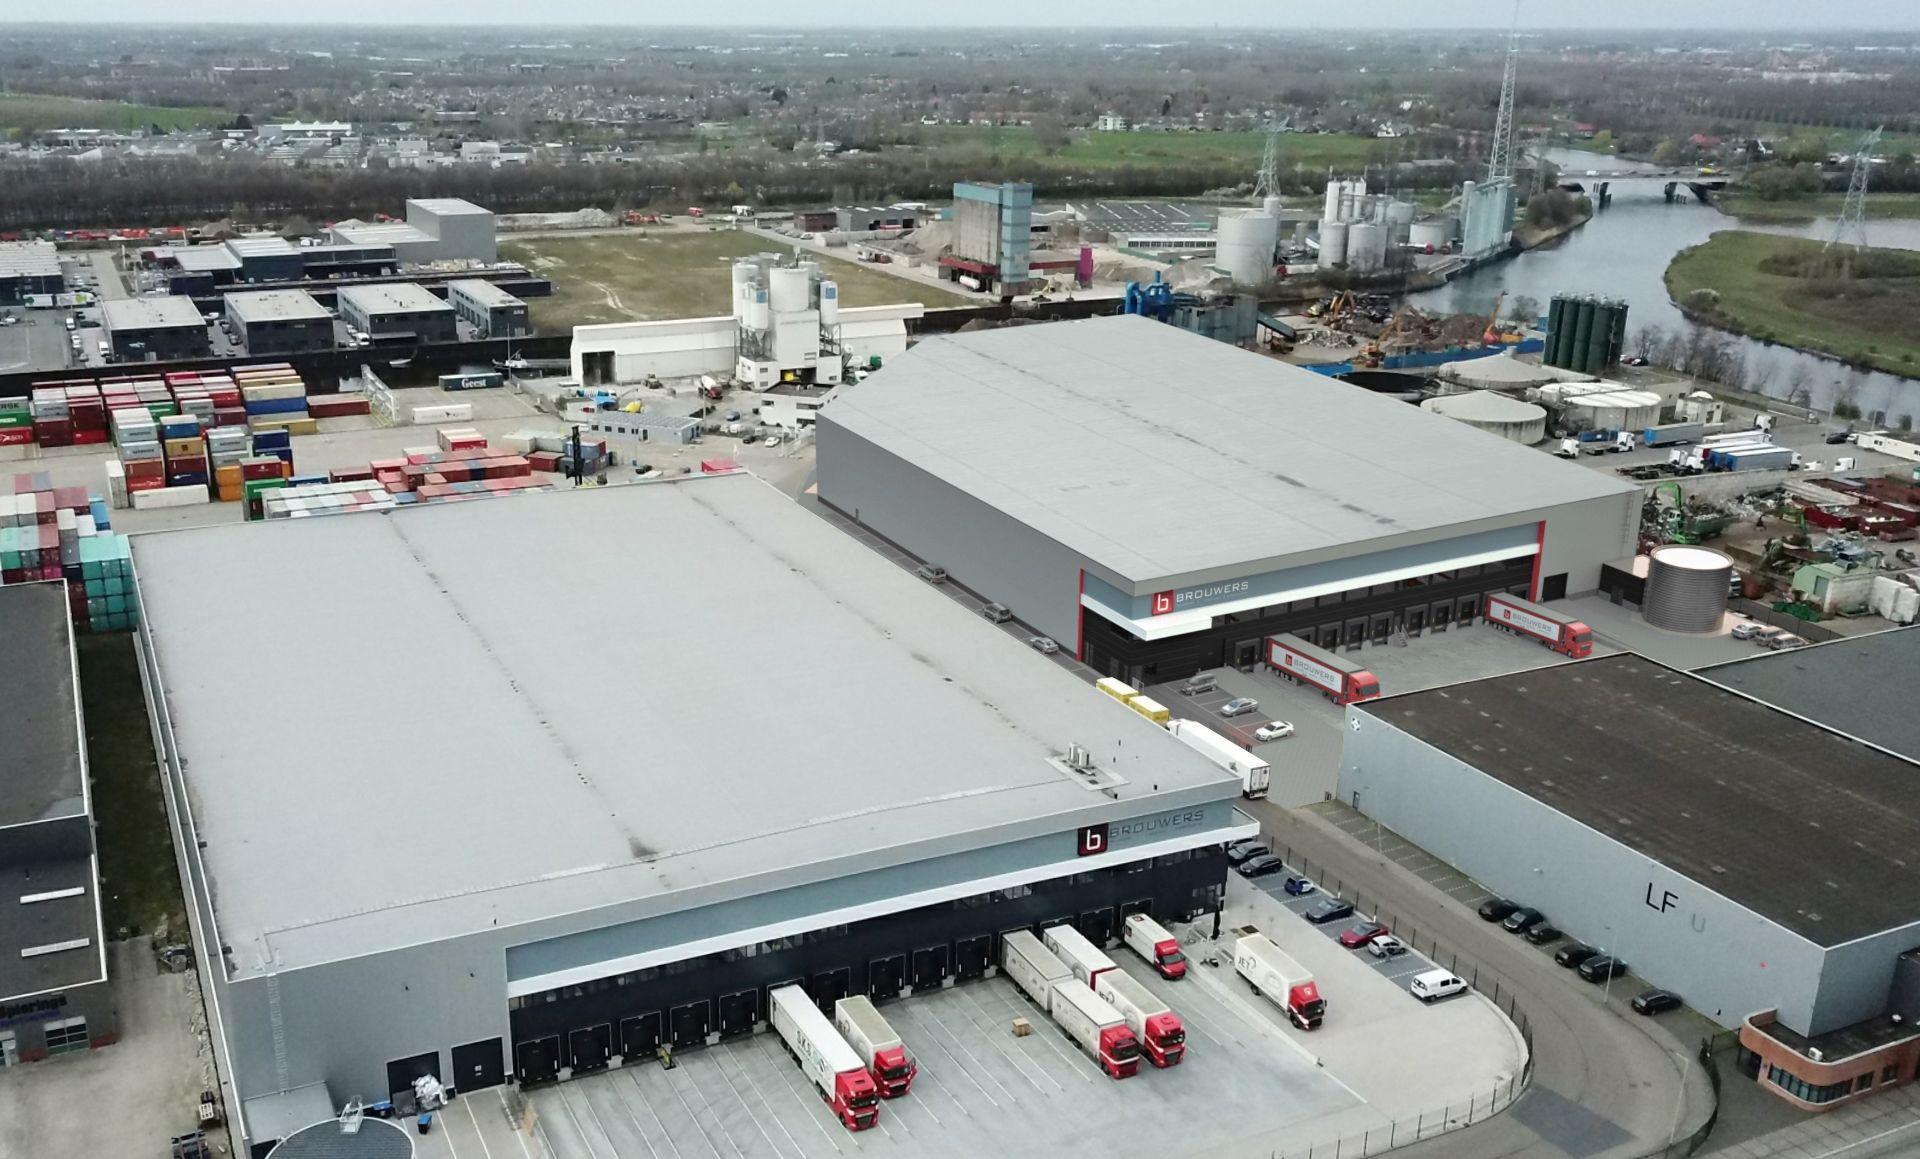 VDG Real Estate ontwikkelt tweede logistiek centrum van 11.000 m2 voor Brouwers in 's-Hertogenbosch